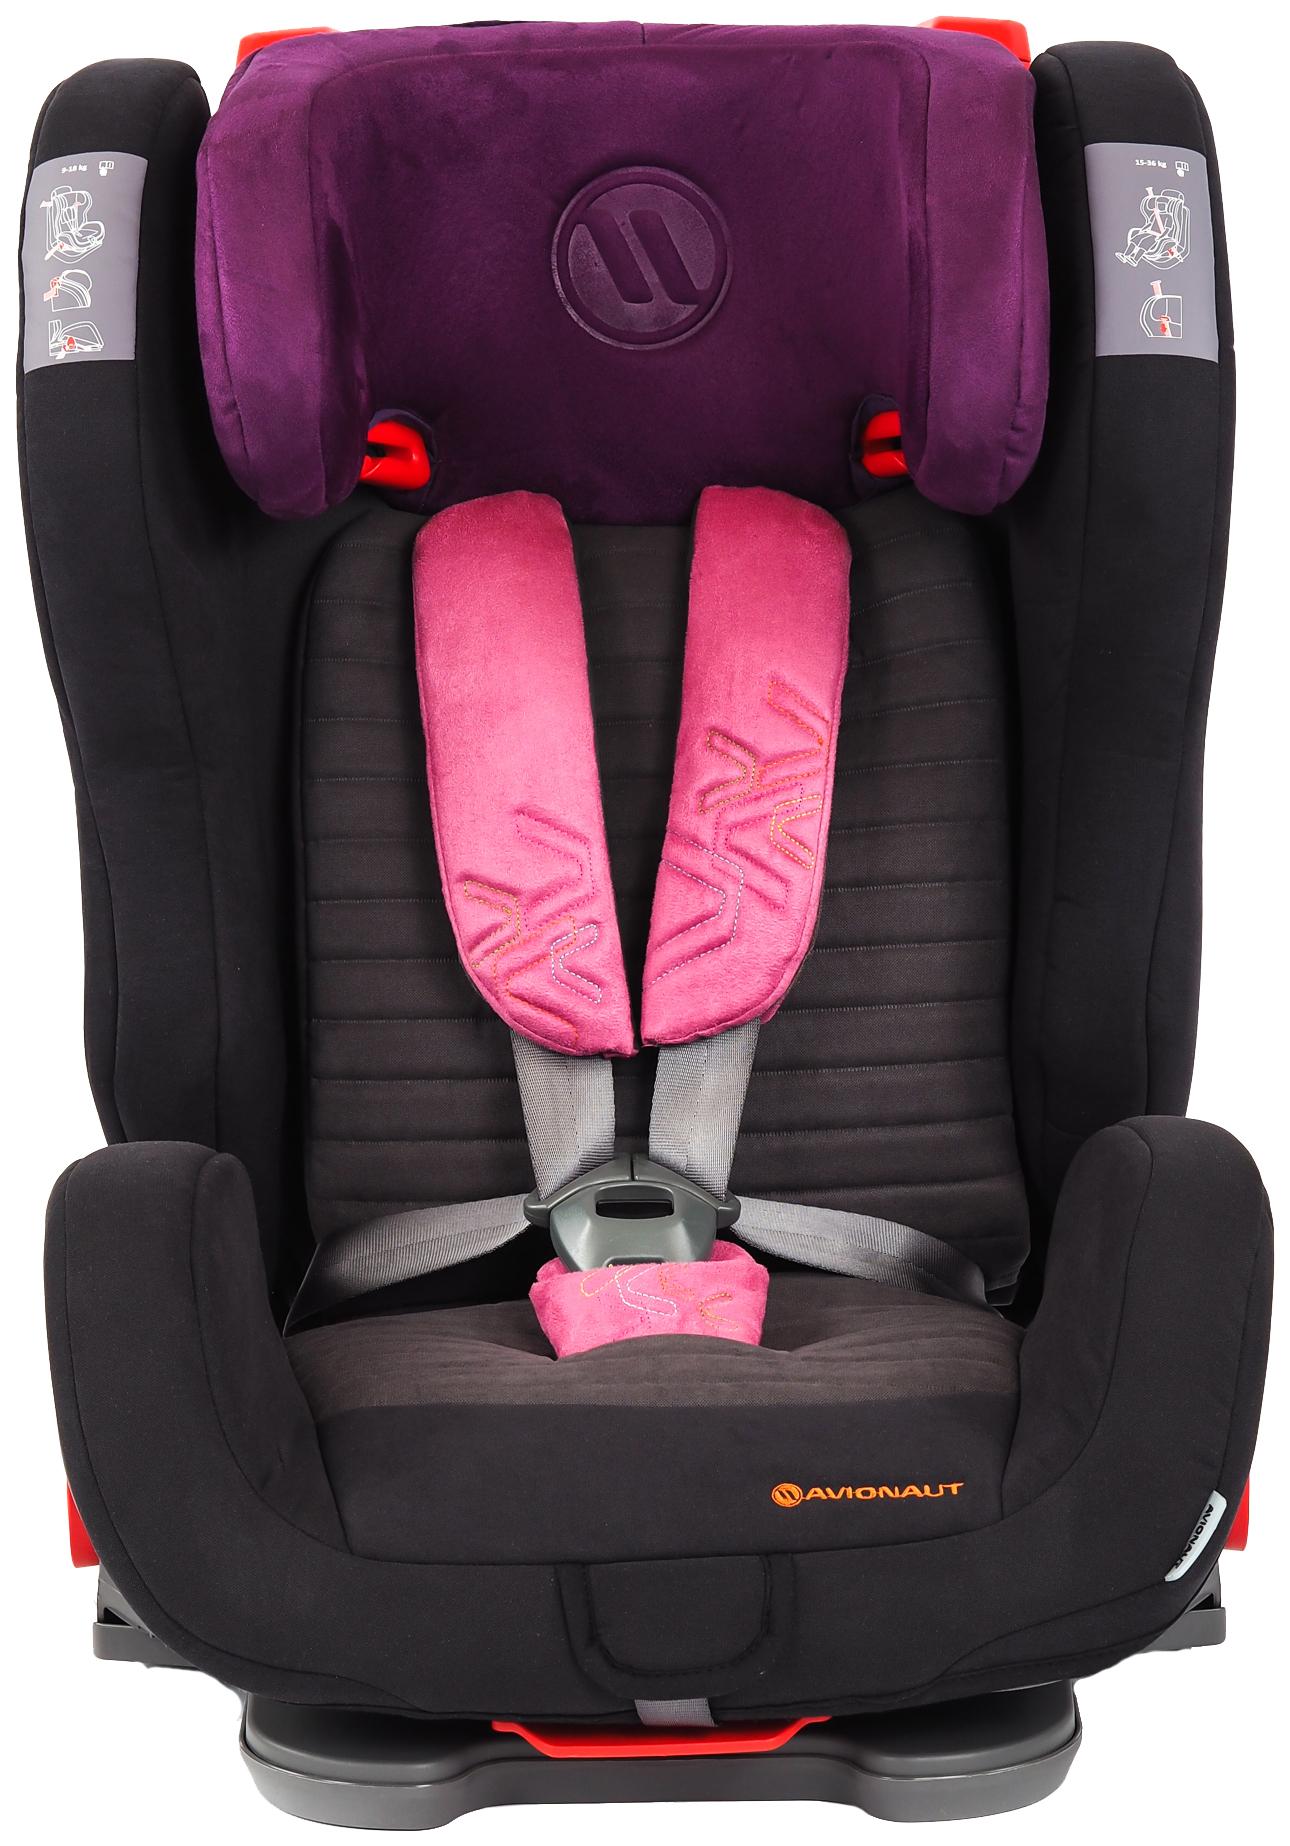 Автокресло AVIONAUT 9-36 кг EVOLVAIR SOFTY Черный/Фиолетовый